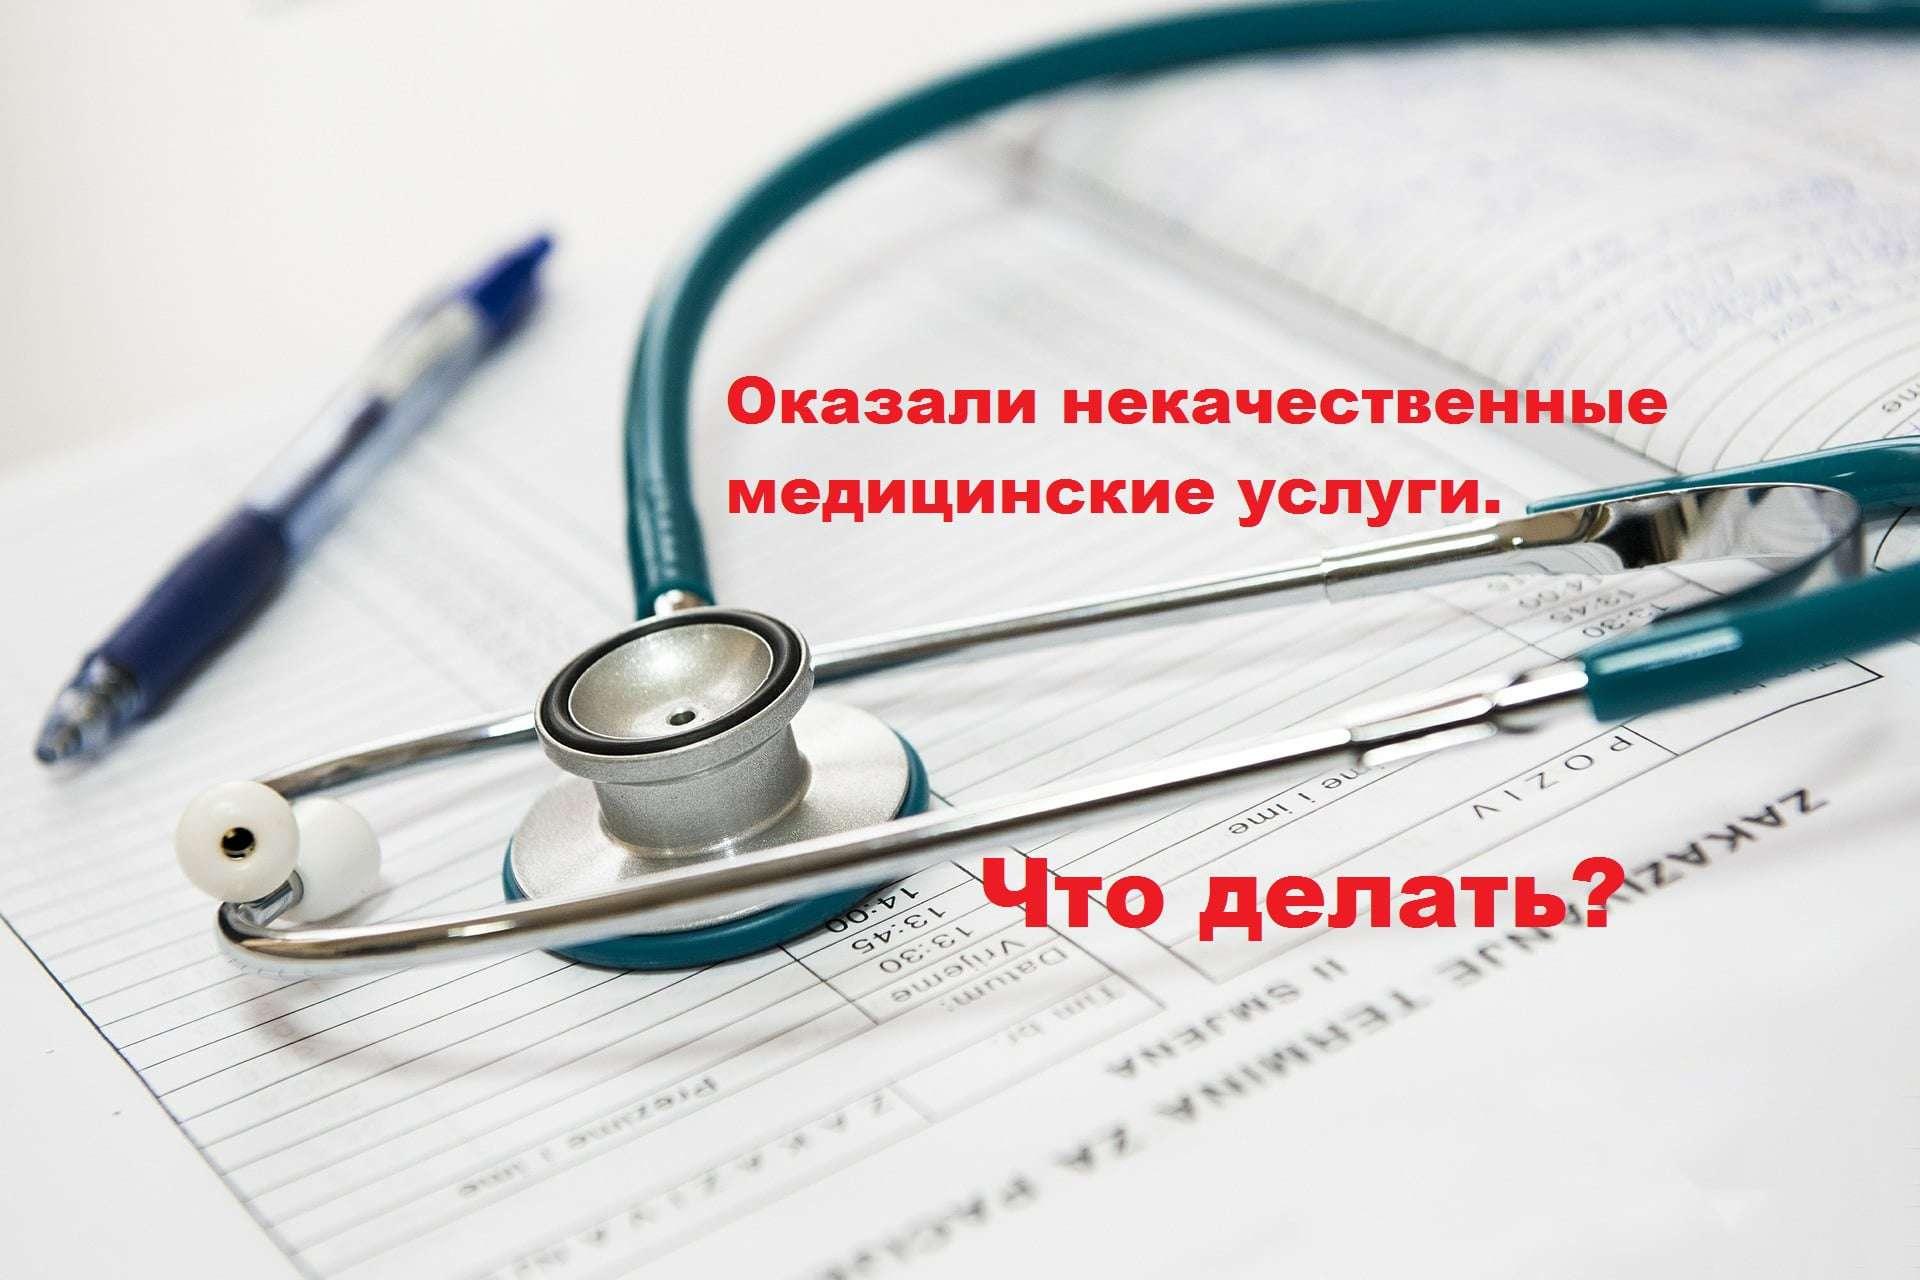 некачественные услуги медицины